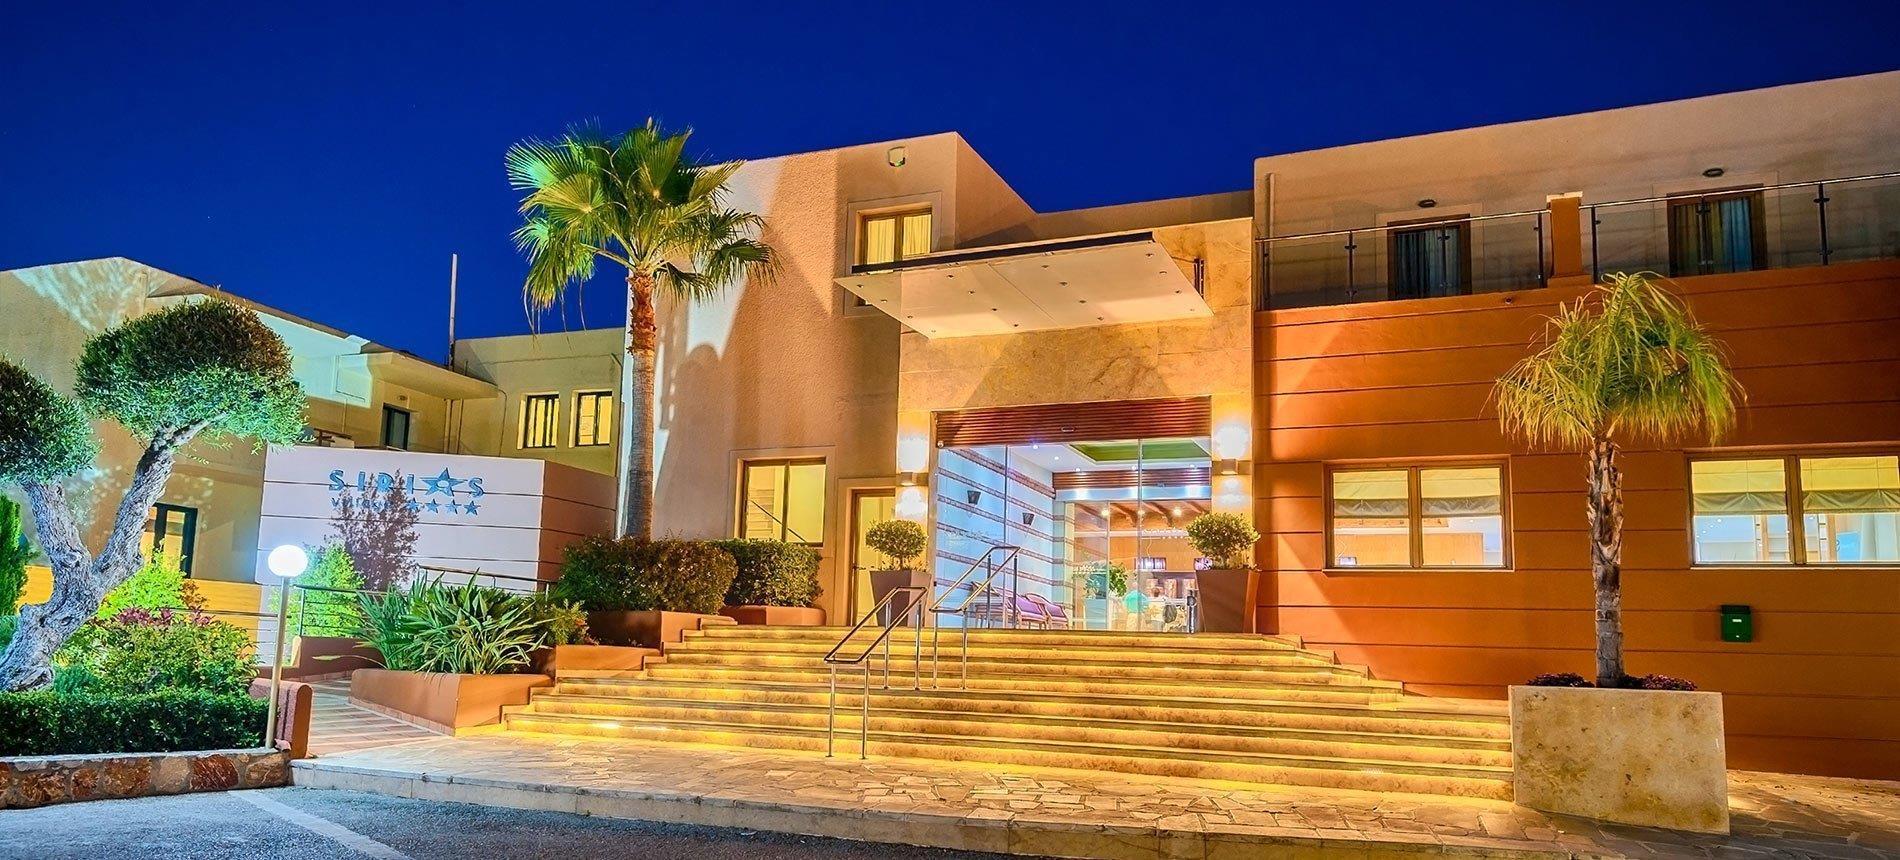 sirios-village-luxury-hotel-bungalows-genel-005